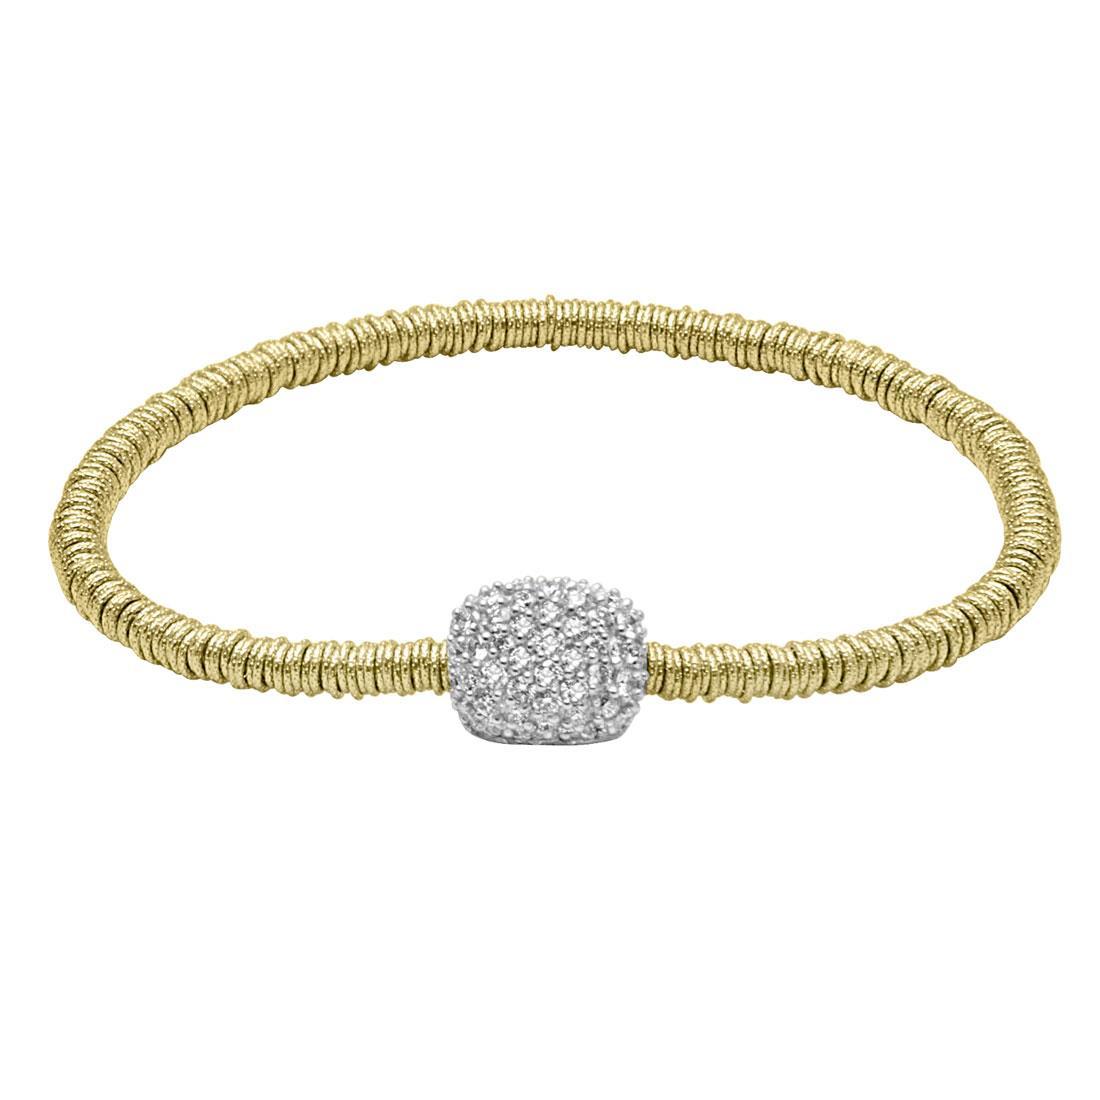 Bracciale in oro giallo con cuscino in diamanti - ROBERTO DEMEGLIO